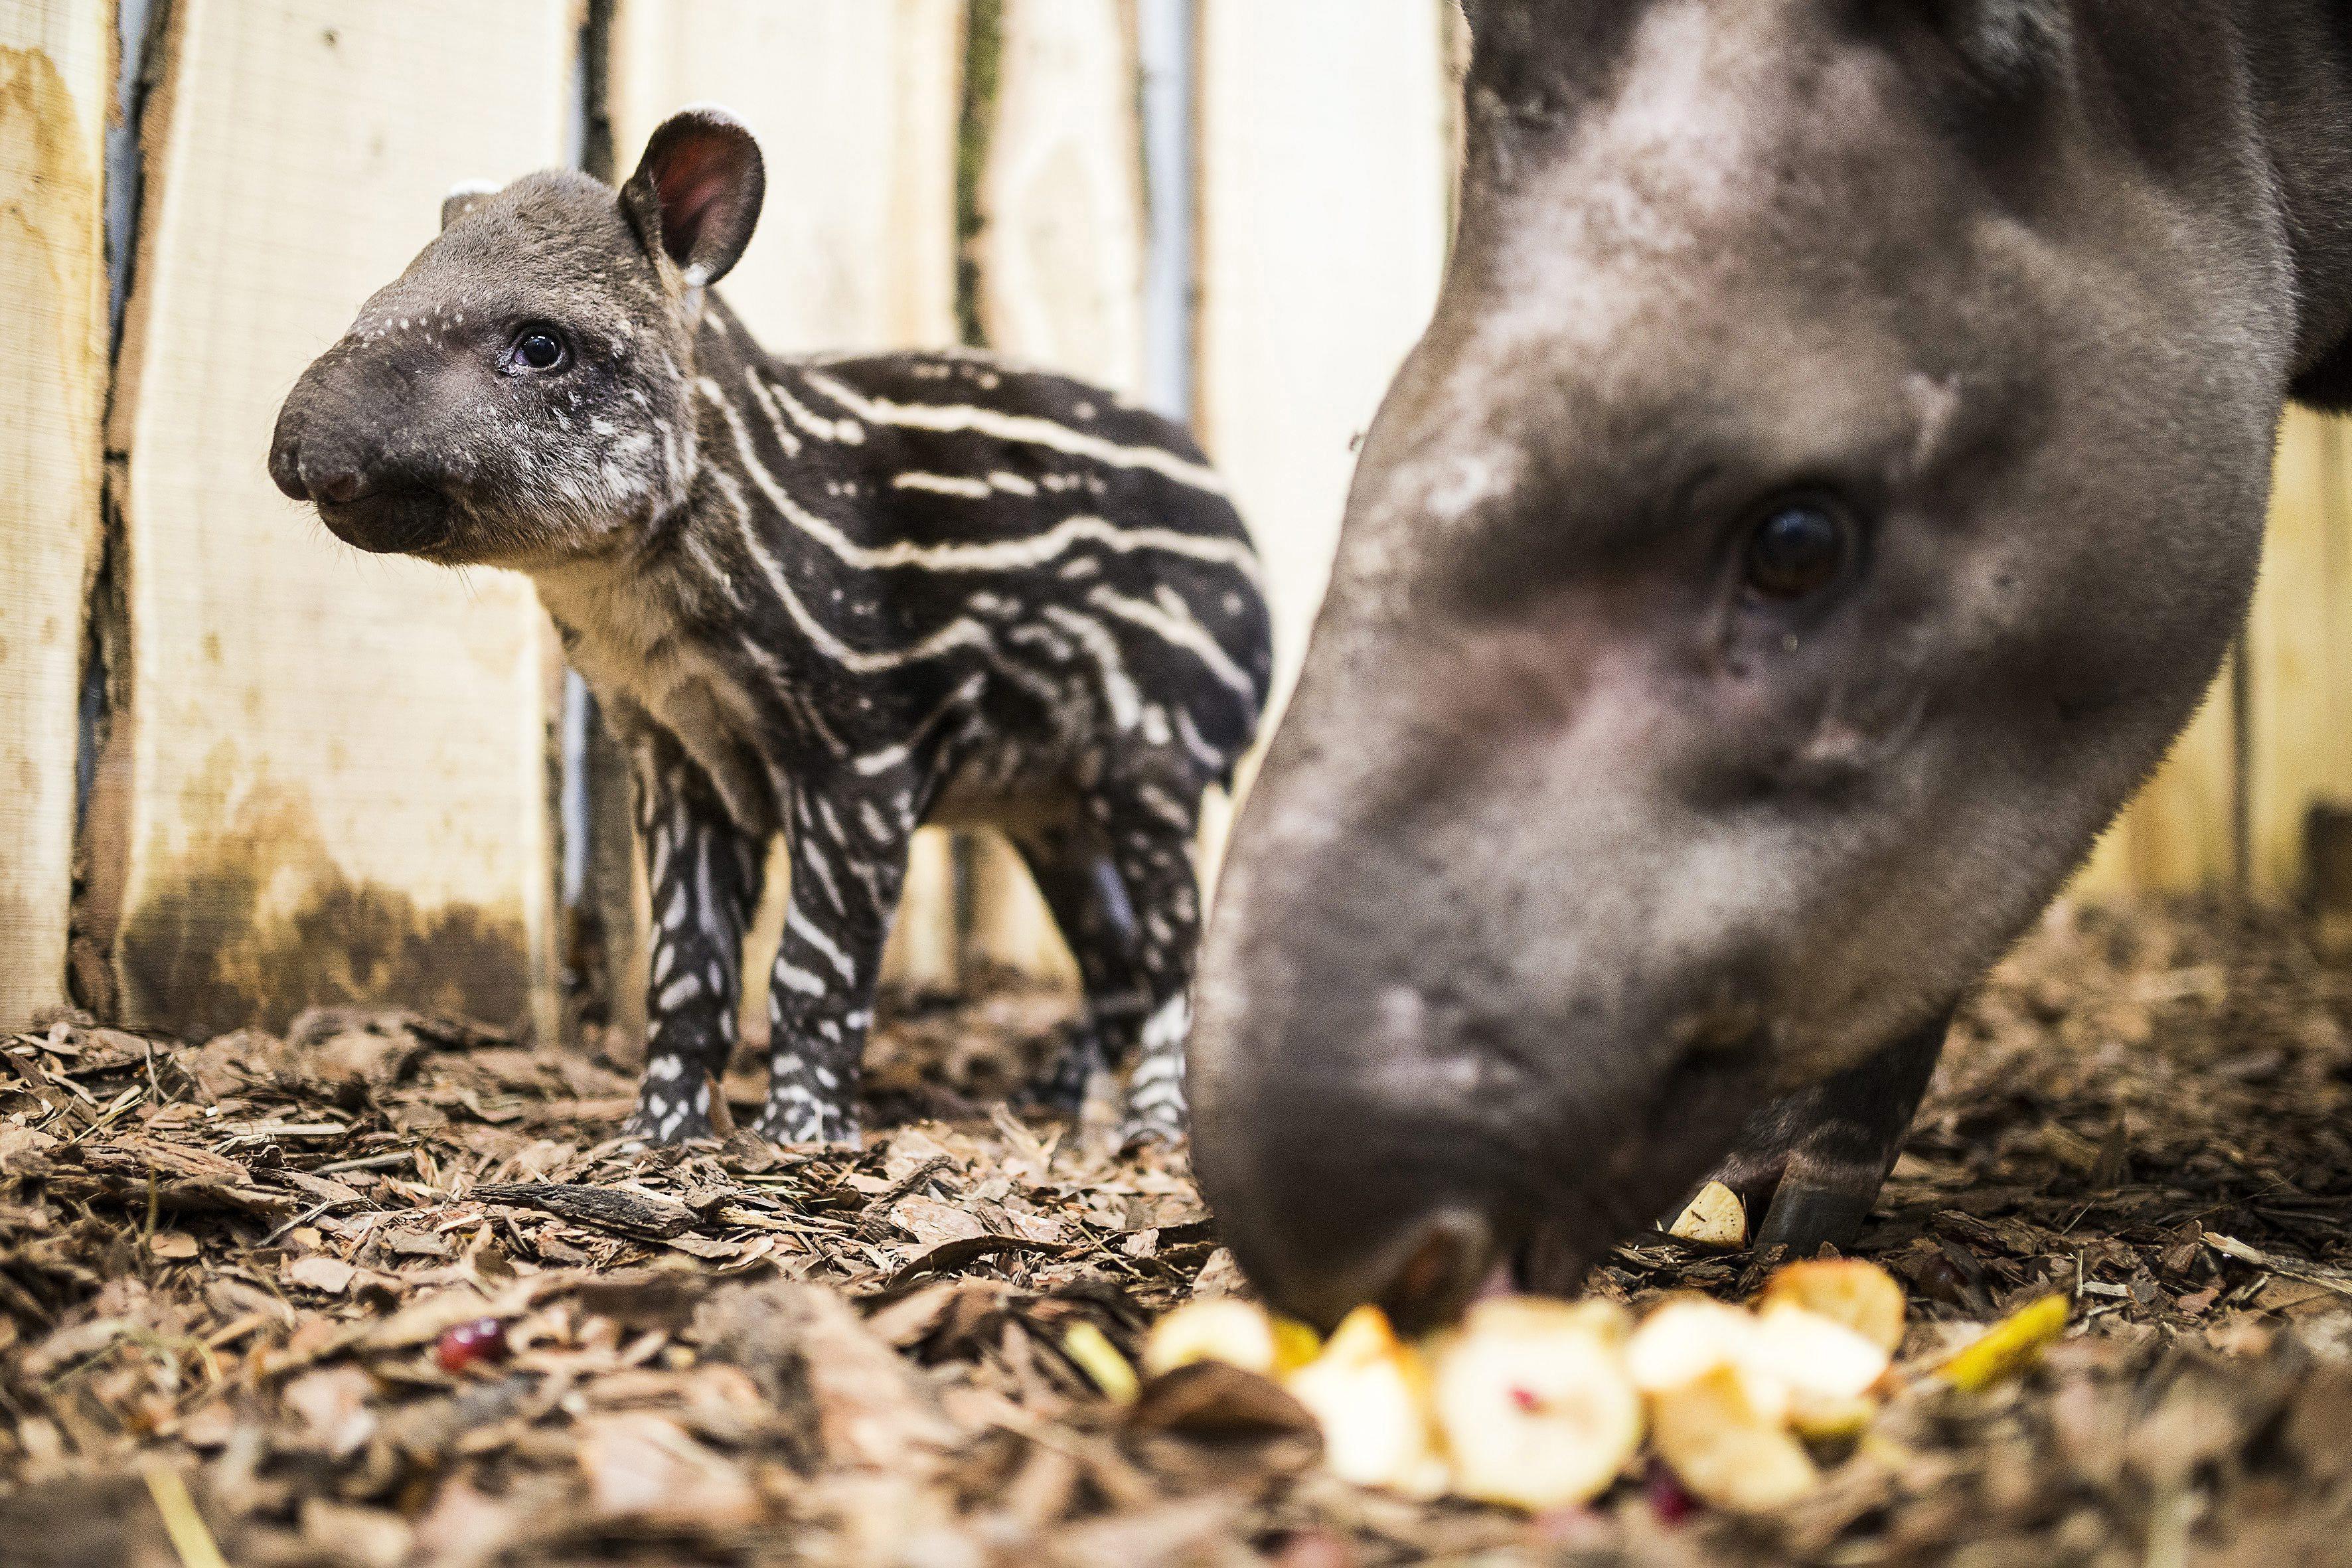 Dél-amerikai tapírbébi született Nyíregyházán